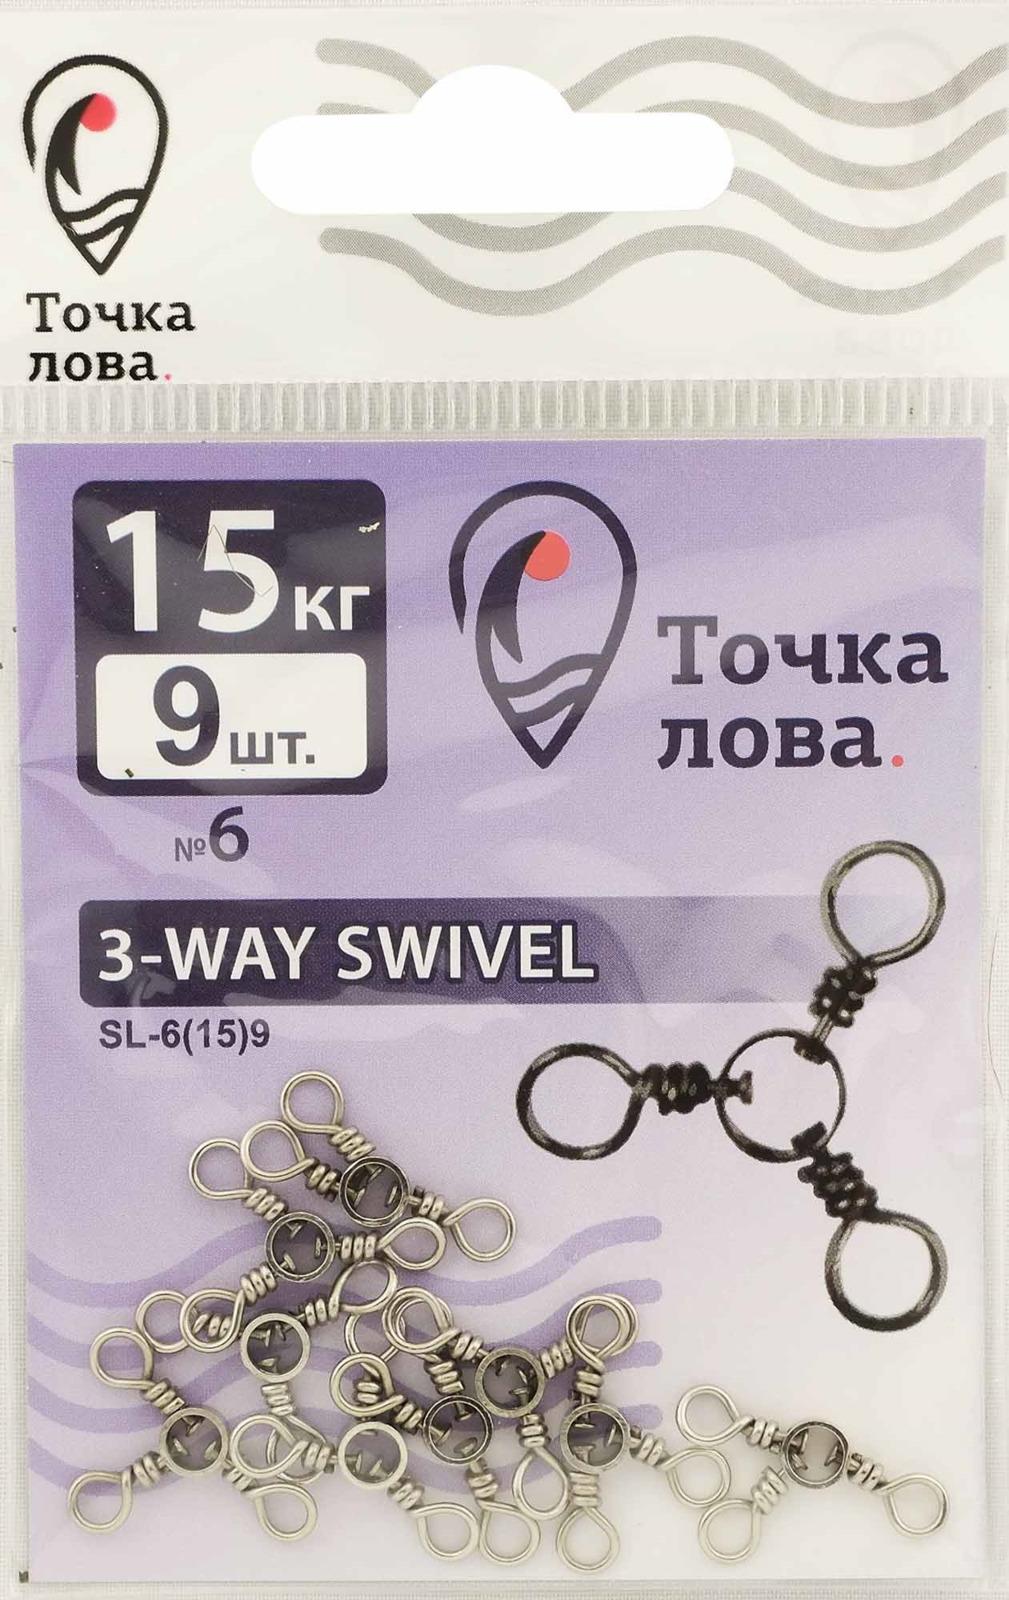 Вертлюг рыболовный Точка Лова, тройной, SL-6(15), 9 шт